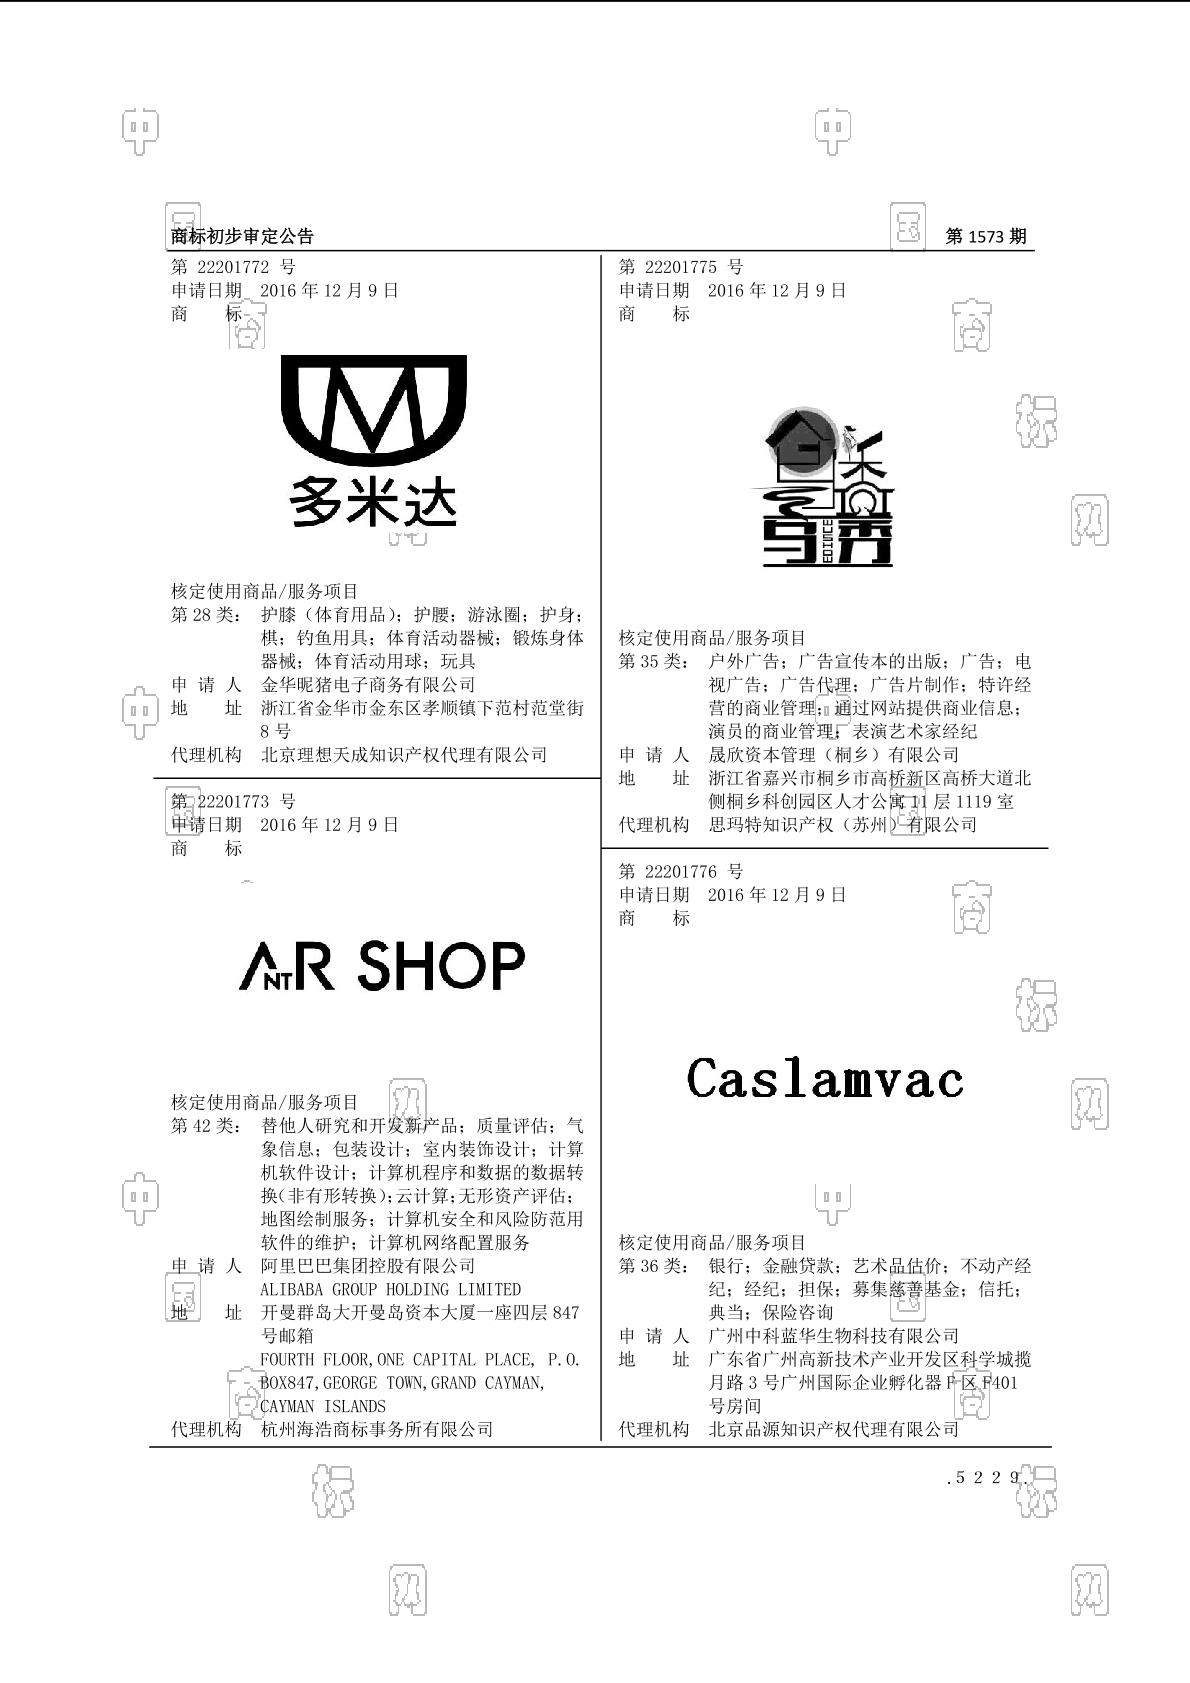 【社标网】ANT R SHOP商标状态注册号信息 阿里巴巴集团控股有限公司商标信息-商标查询